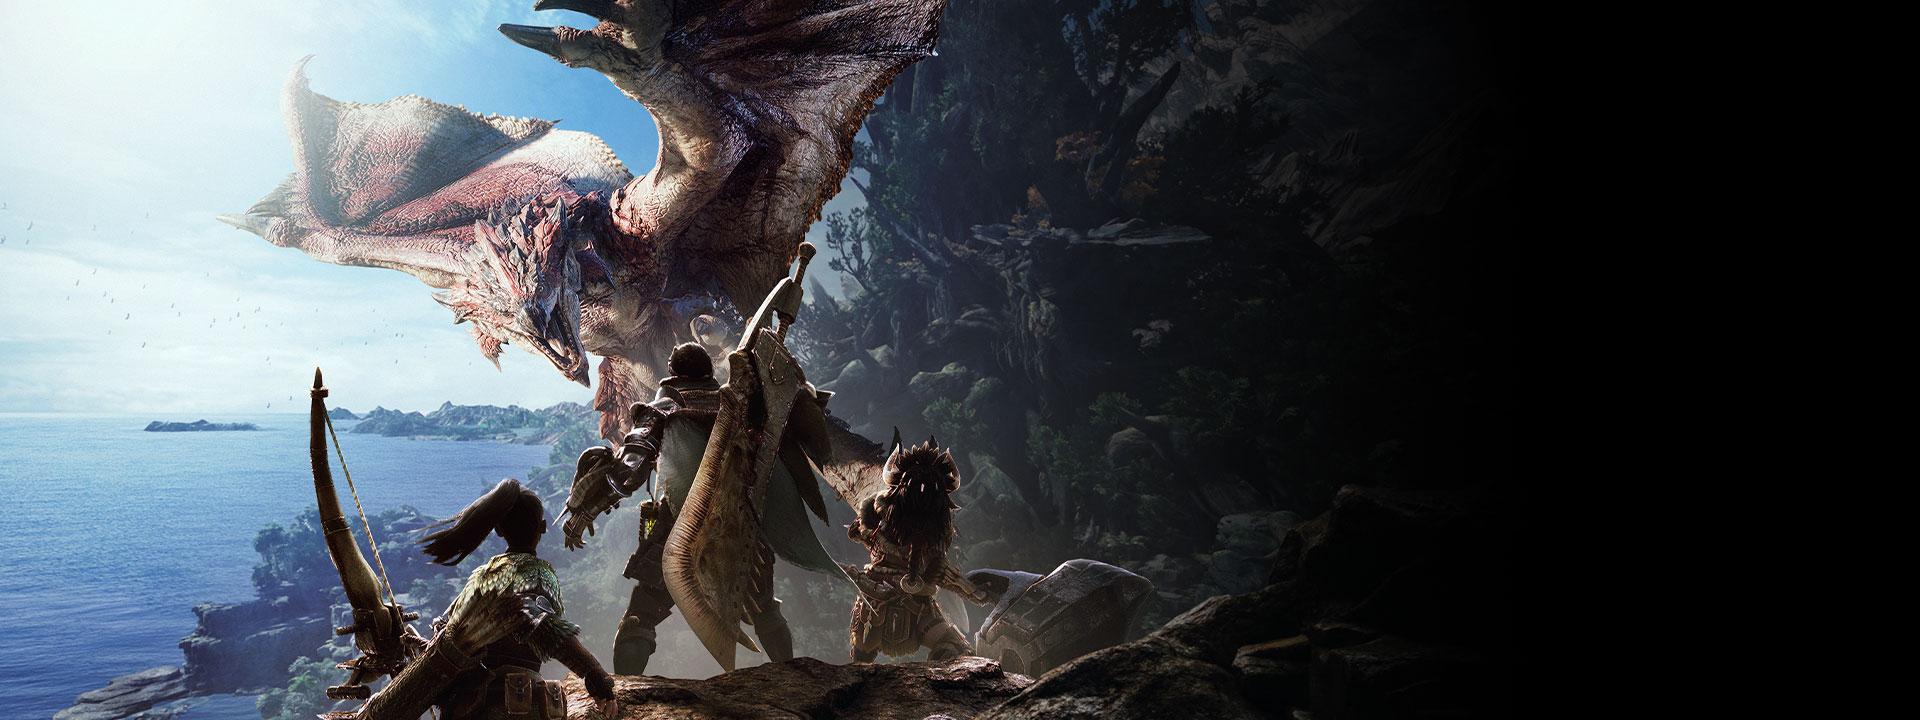 Monster Hunter World, personaggi di fronte a una bestia volante pronti al combattimento